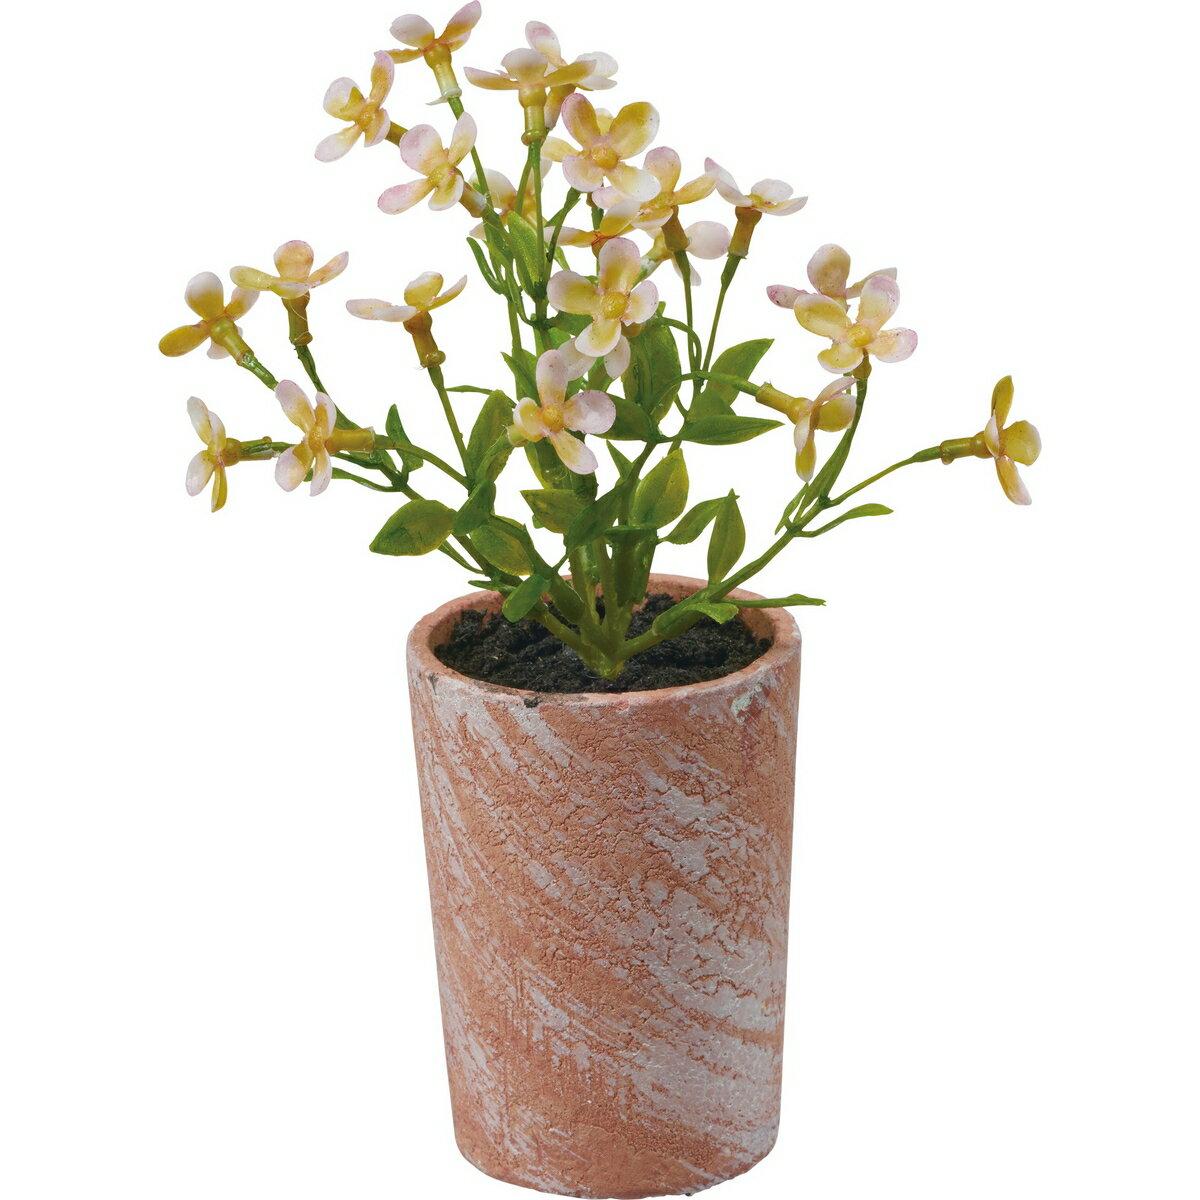 【造花】YDM/ミニフラワーポット ピンク/FBC8098-P【01】【01】【取寄】《 造花(人工観葉植物) 人工観葉植物「か行」 カジュアルポット 》